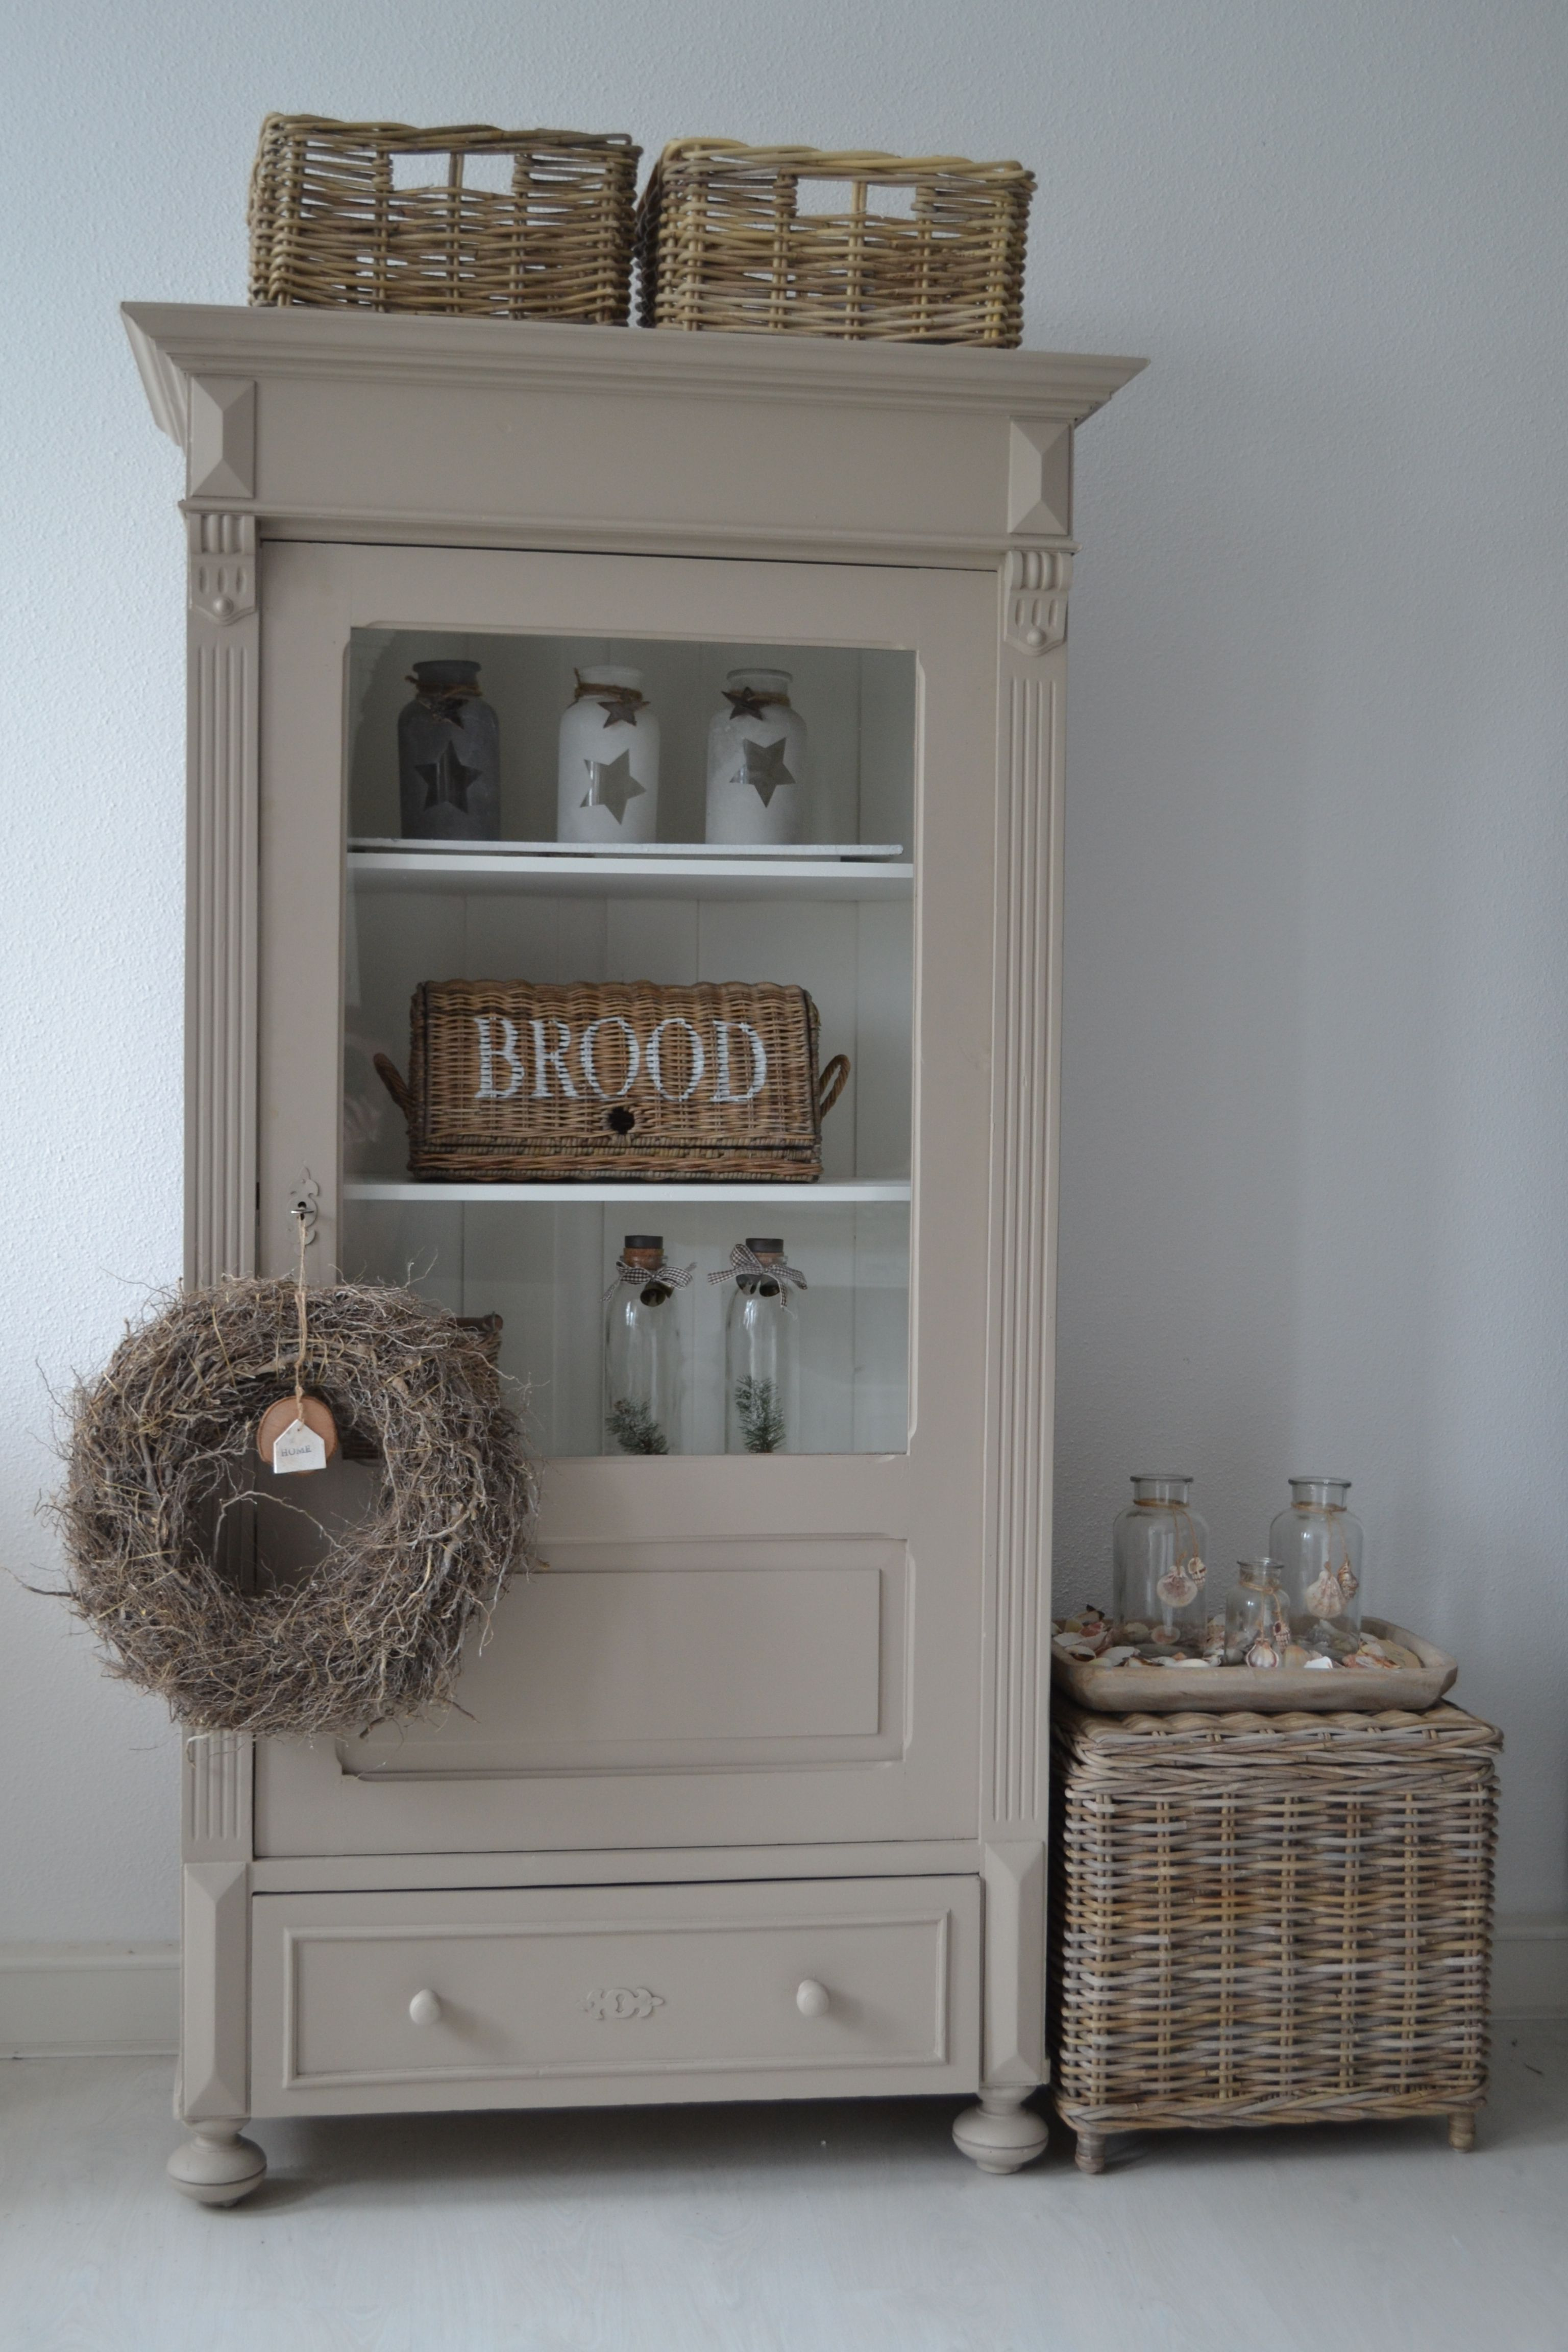 Prachtige brocante servieskast in de kleur taupe landelijke servieskasten pinterest - Kleur grijze taupe ...